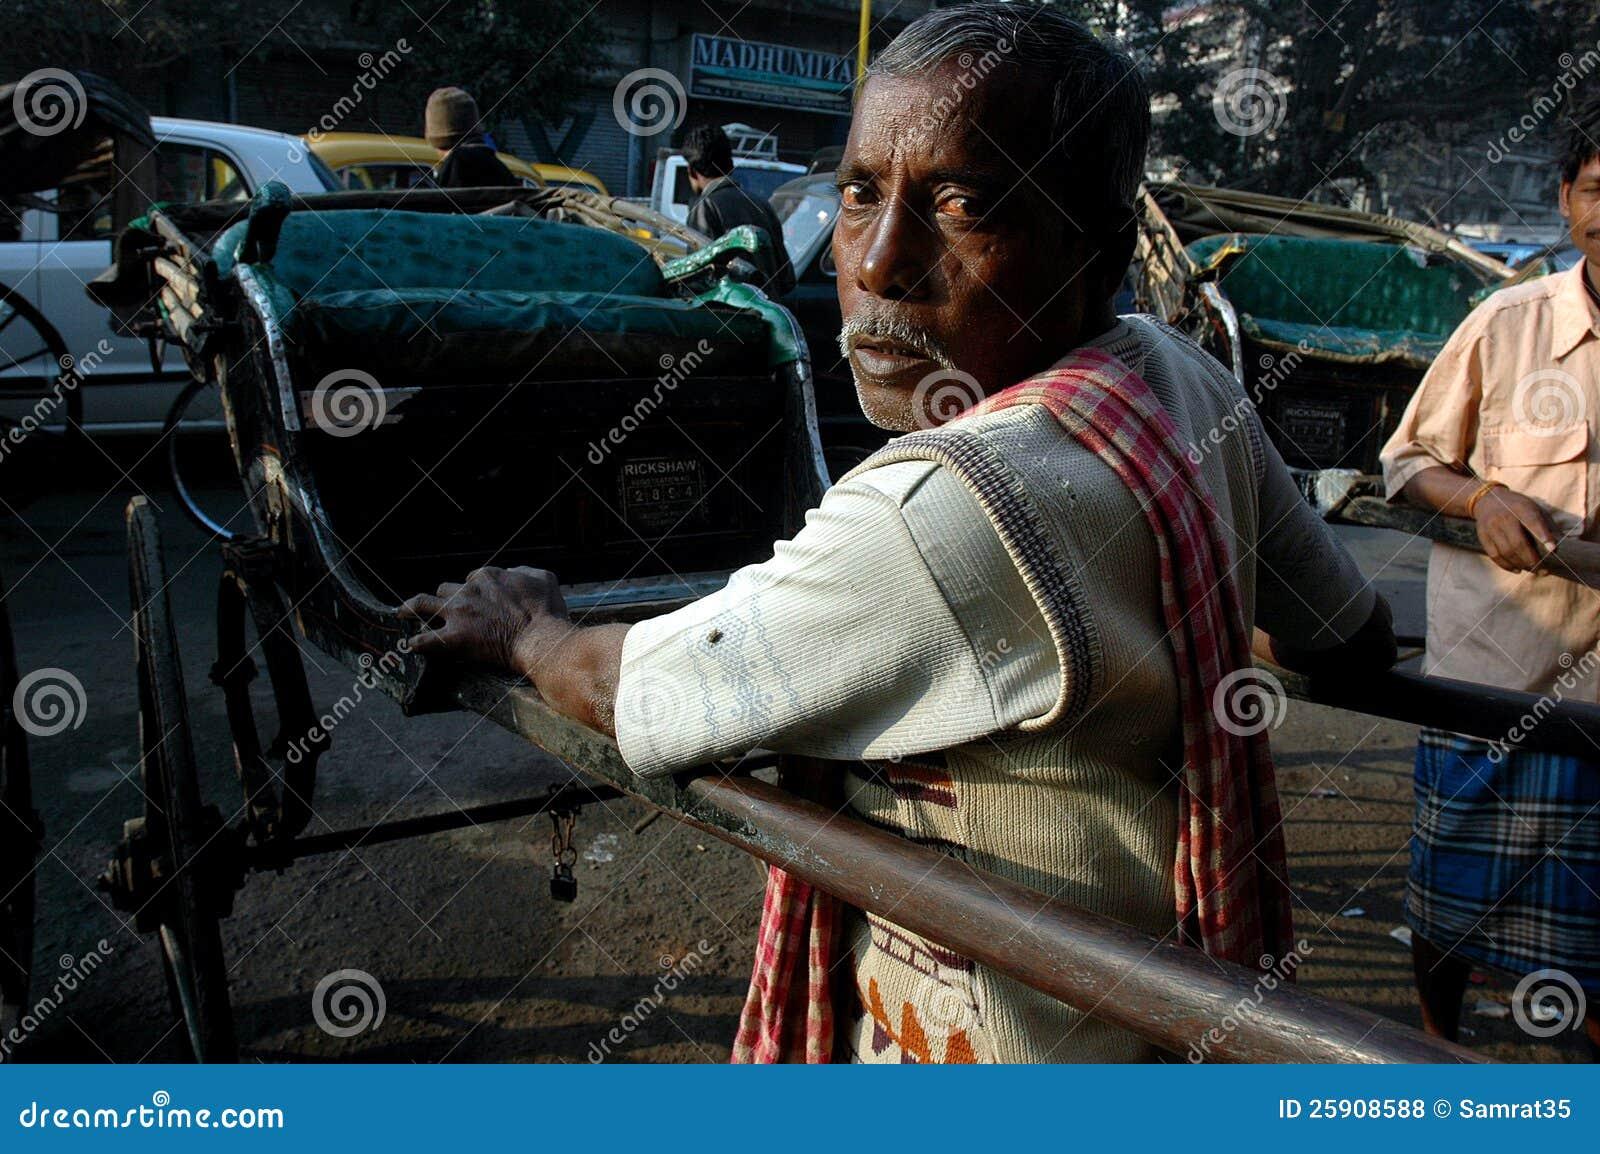 Rikscha in Kolkata